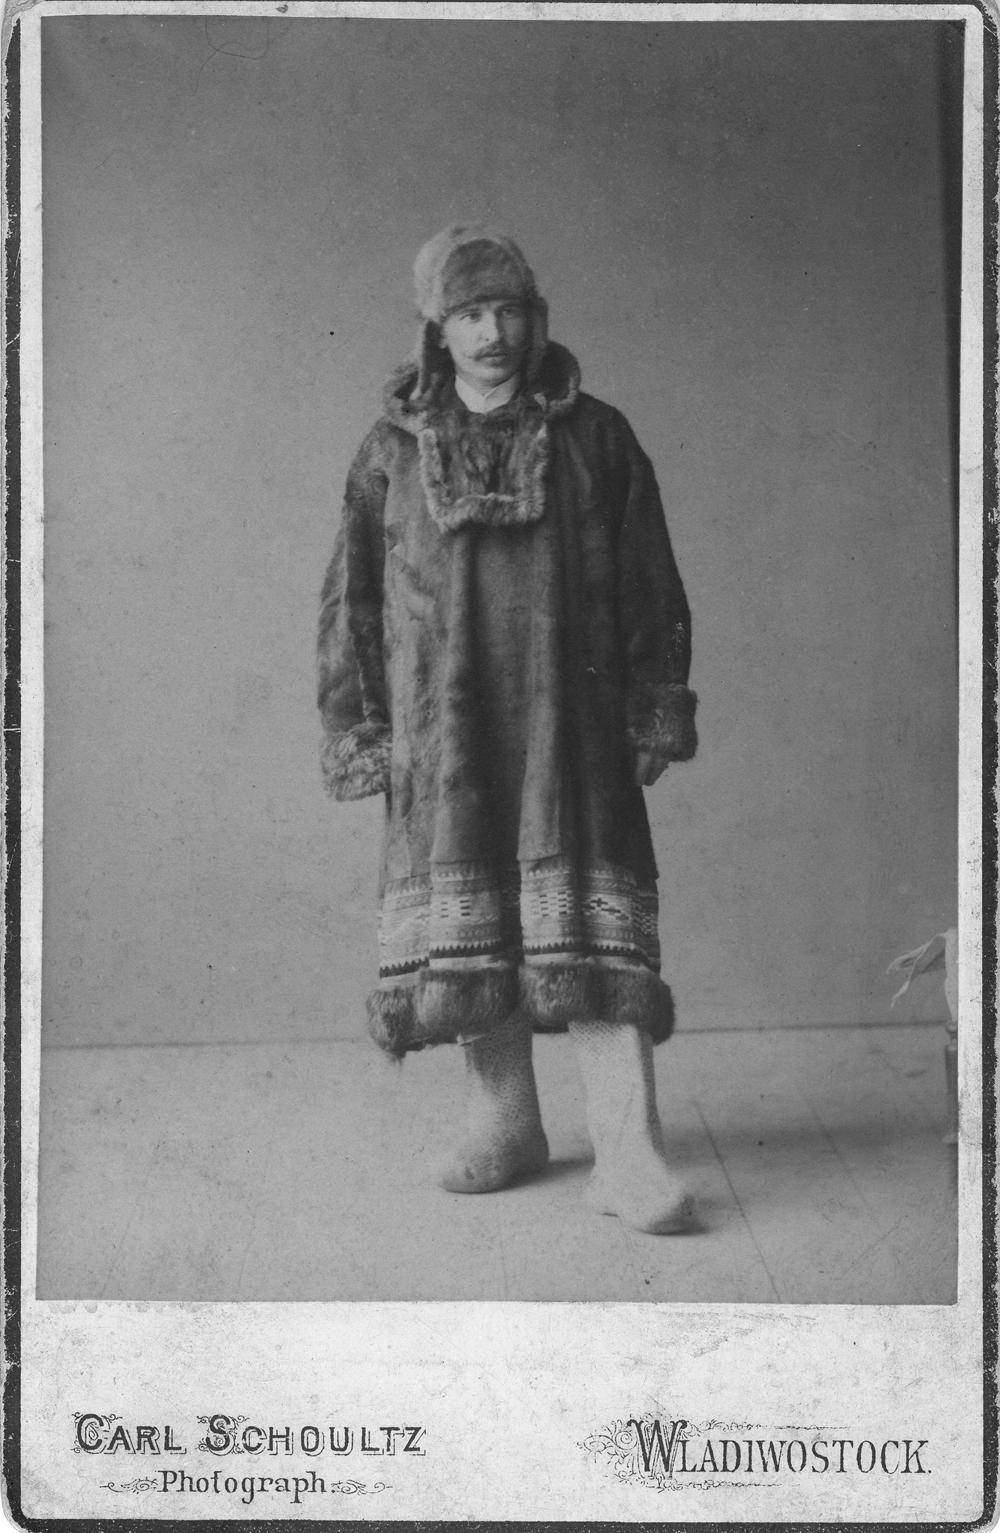 Adolph Dattan (ca. 1890) in der Kleidung ostsibirischer Eingeborener (Fischlederstiefel und Kuchljanka). Archivbild.